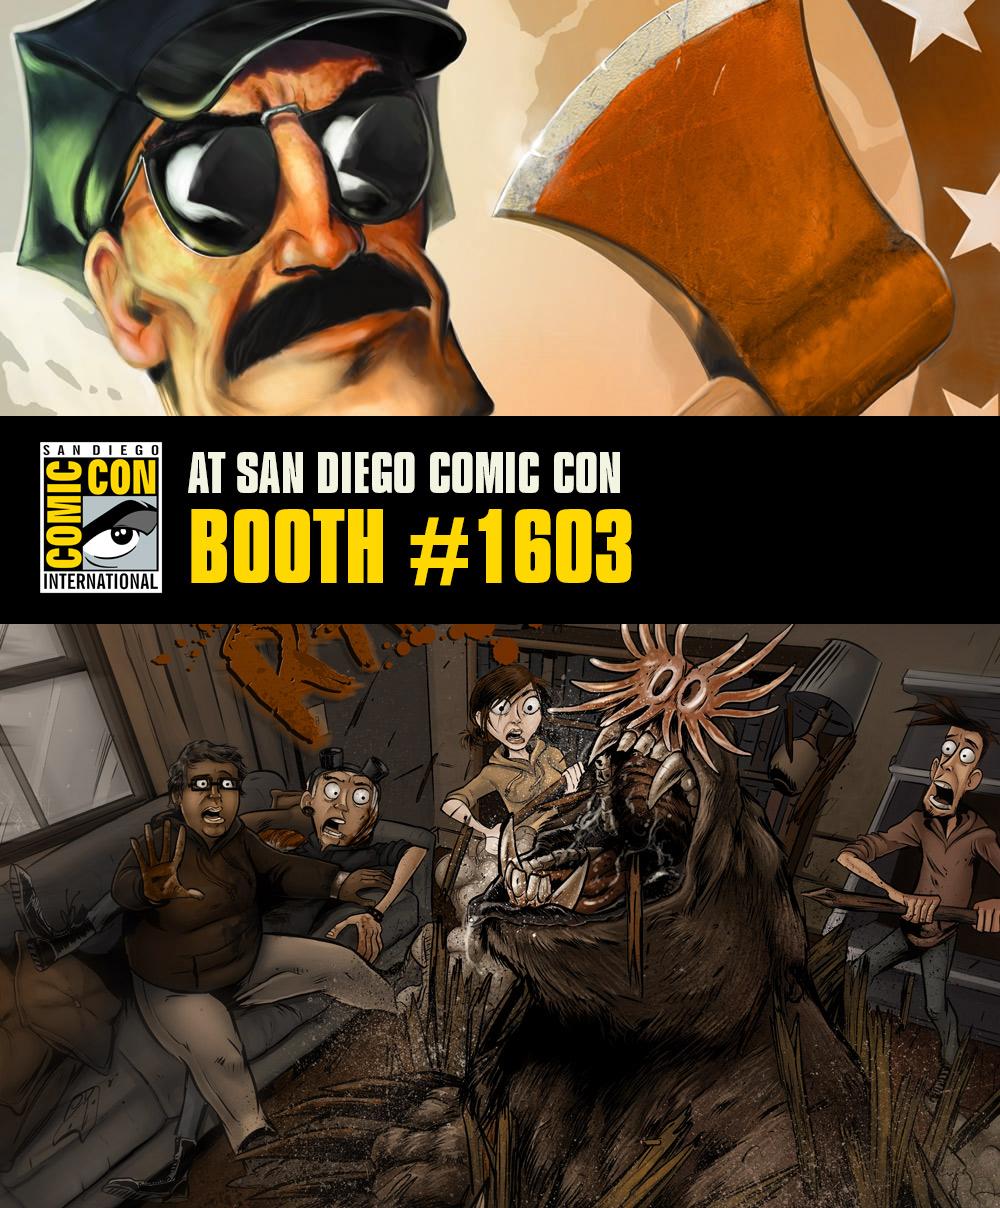 Comic Con 2014!